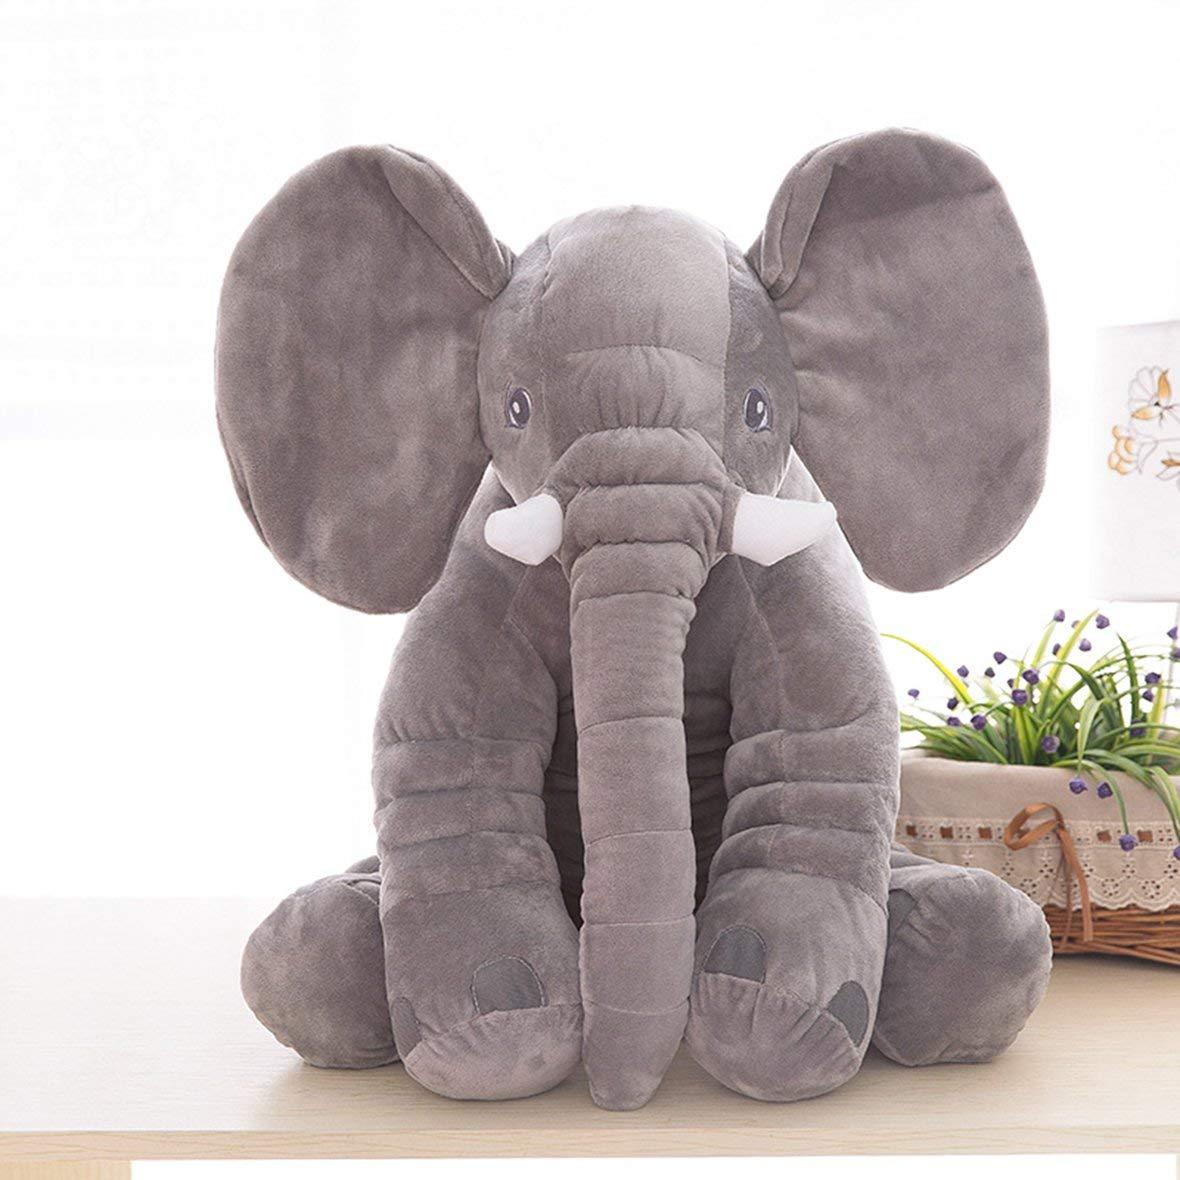 7f2dce897ba6f Tivolii Simulación Linda Elefante Gigante de Peluche de Juguete de Felpa  Almohada con Manta de Regalos